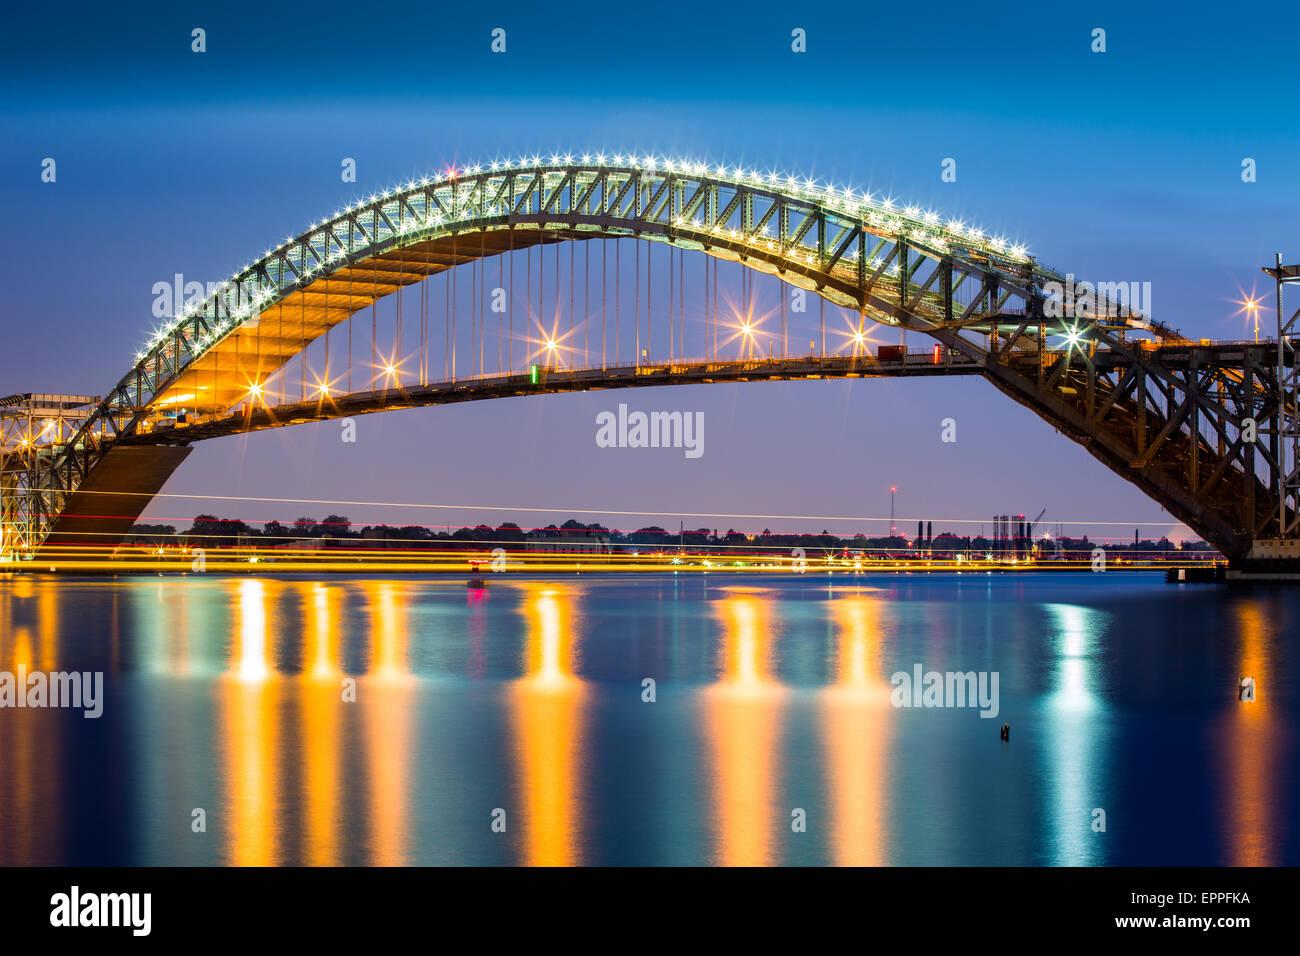 Bayonne Bridge at dusk - Stock Image